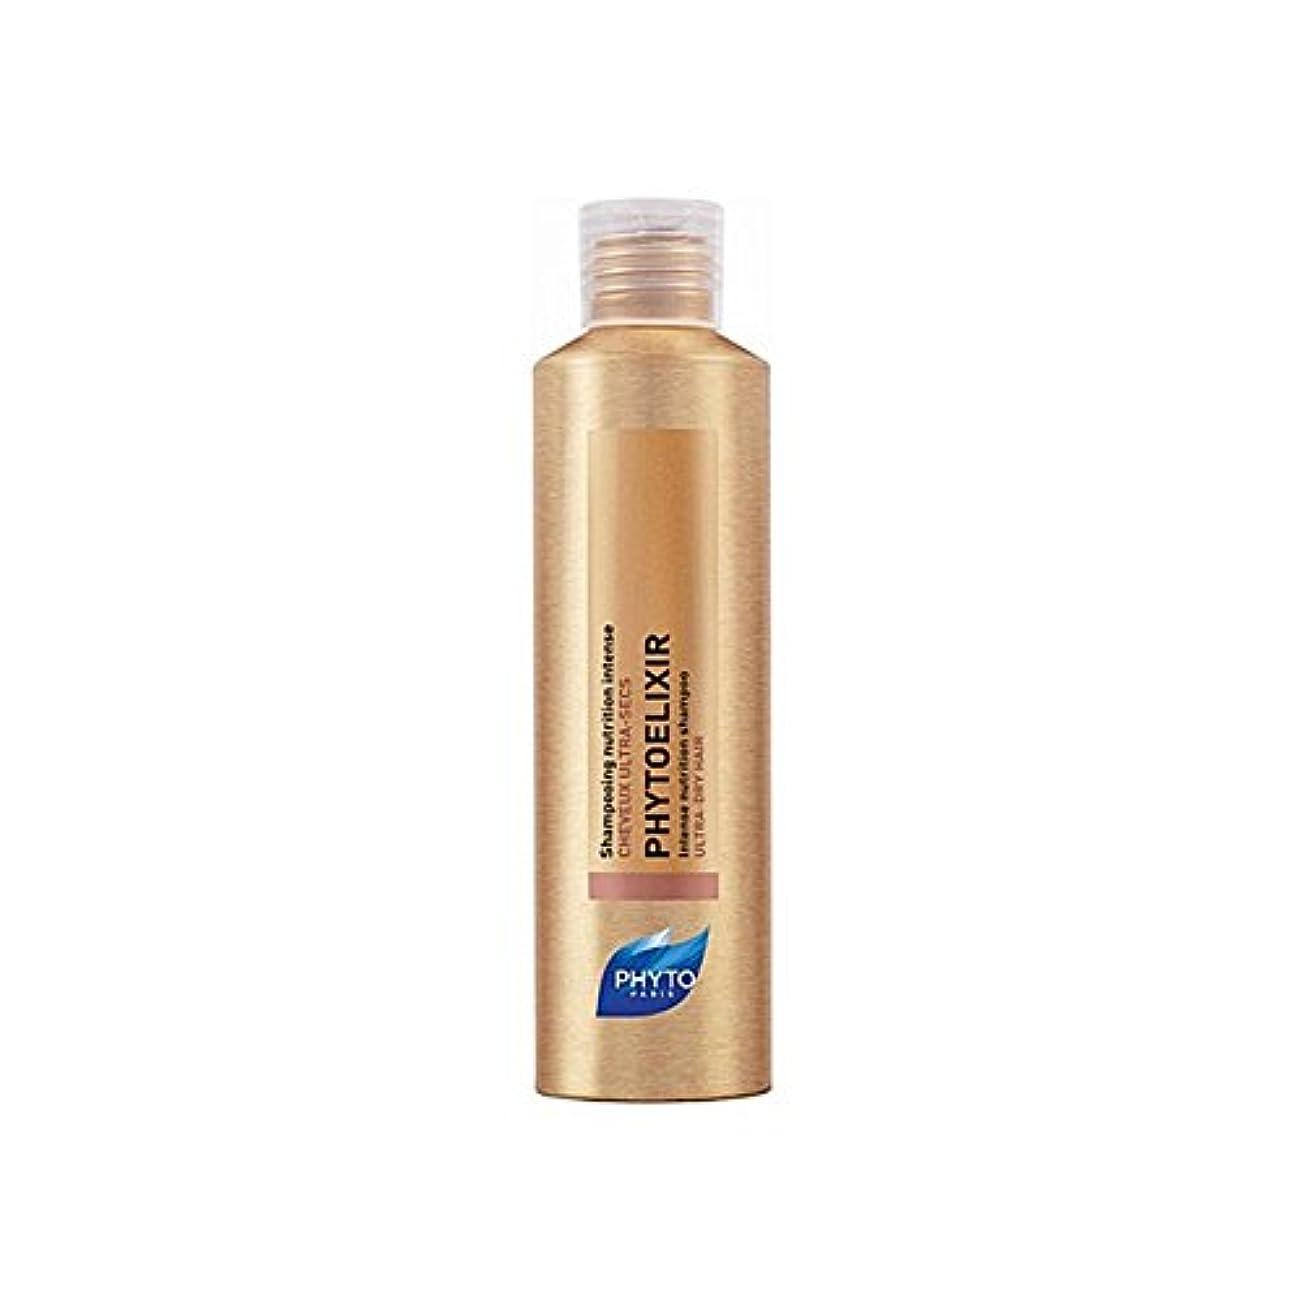 キルト気絶させる遺棄されたフィトの強烈な栄養シャンプー x2 - Phyto Phytoelixir Intense Nutrition Shampoo (Pack of 2) [並行輸入品]